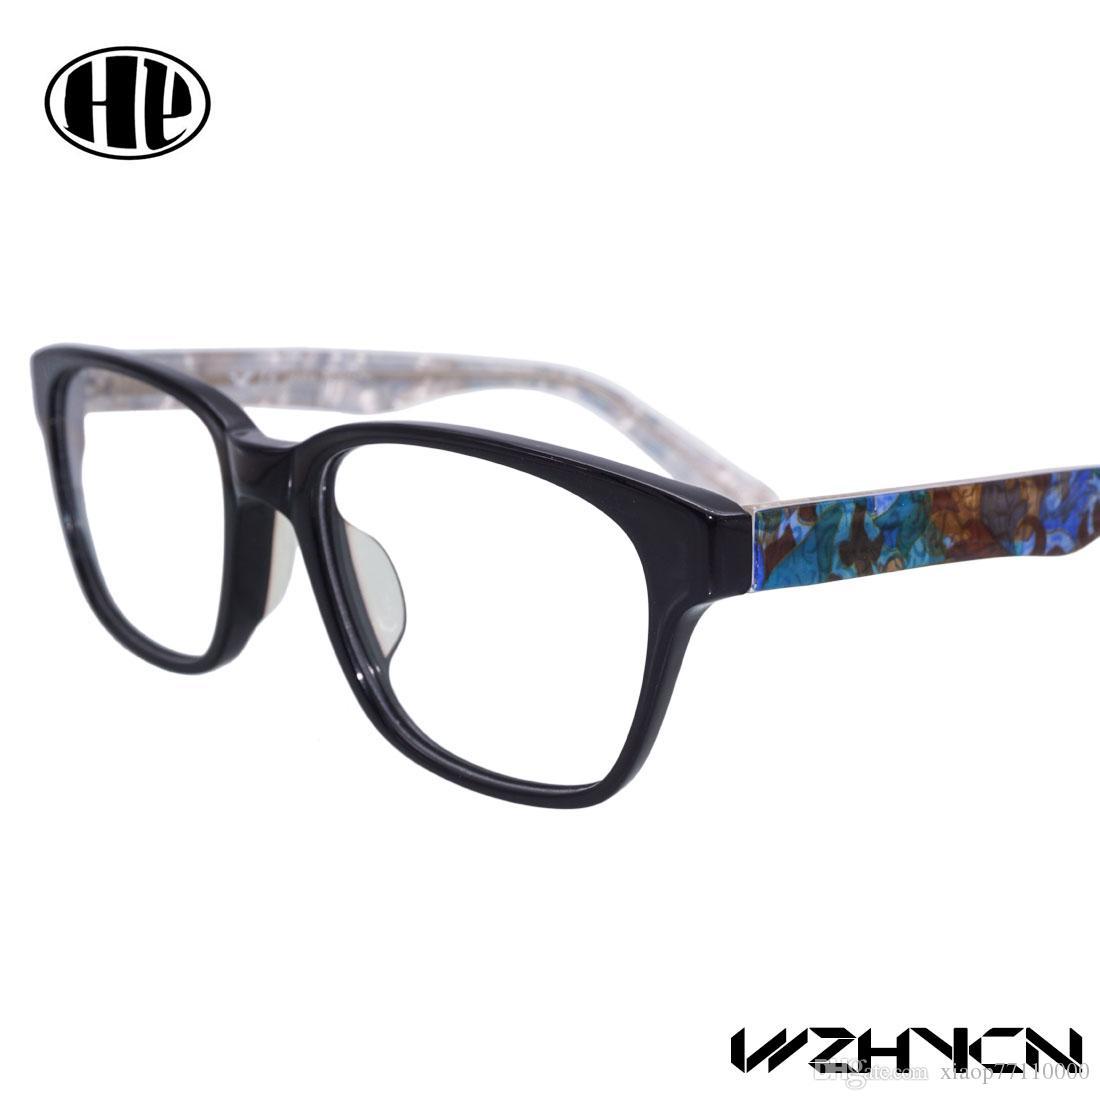 398f0f55f6 2017 New Retro Eyewear Clear Lens Optical Frame High Quality Oculos ...